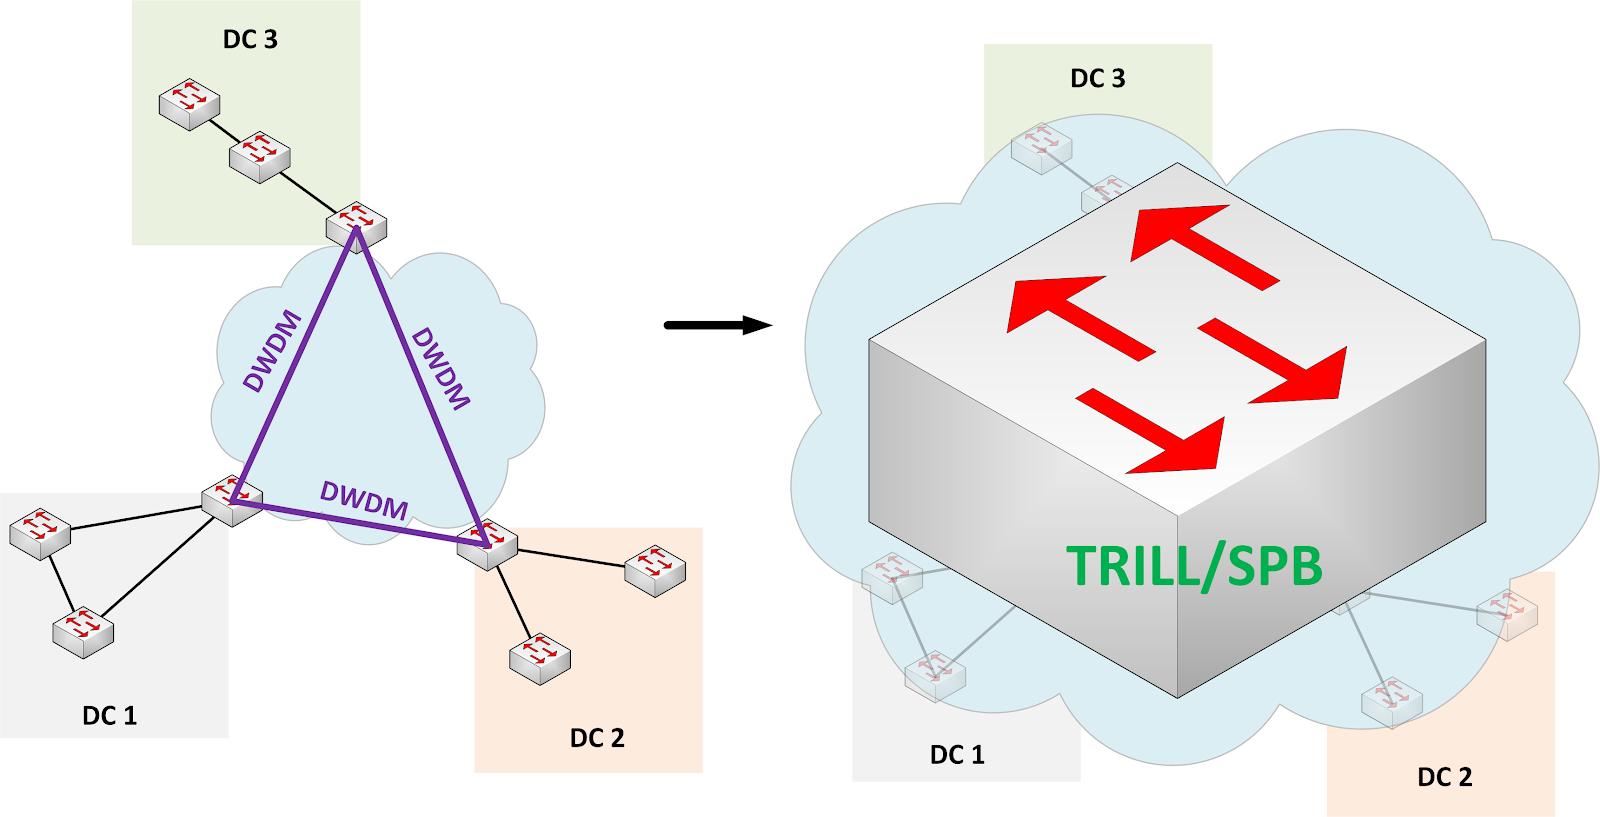 IDEaaS para Data Centers: TRILL, SPB, VXLAN, NVGRE, EVI, OTV